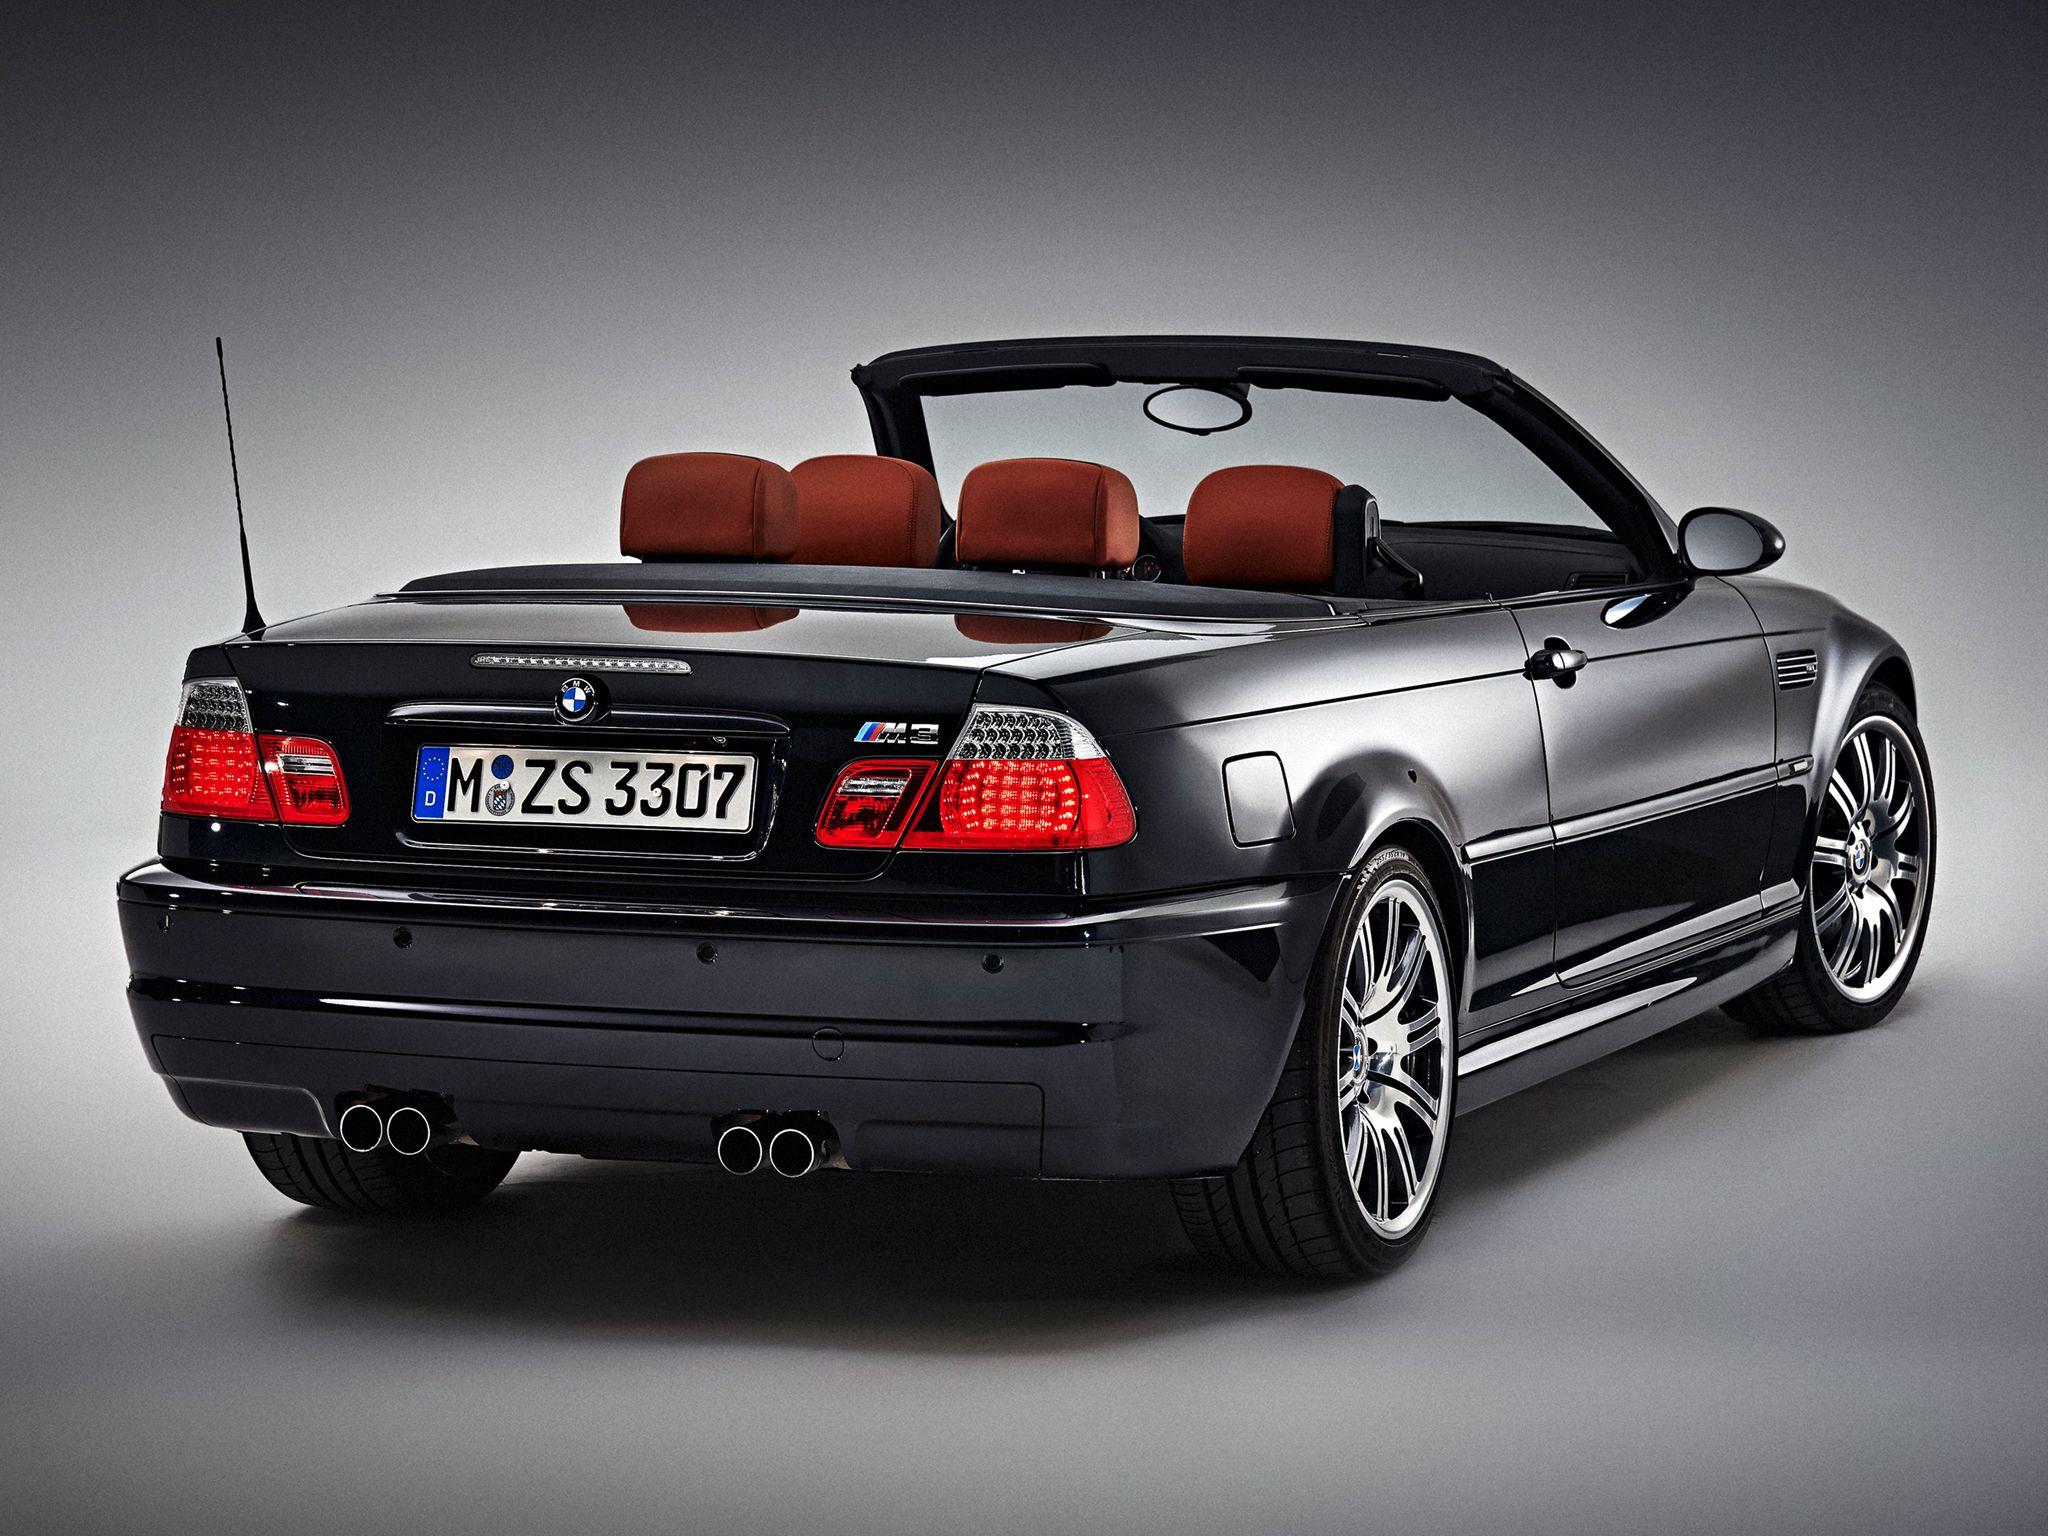 2001 06 Bmw E46 M3 Cabrio Bmw Alpina Bmw Bmw M3 Bmw E46